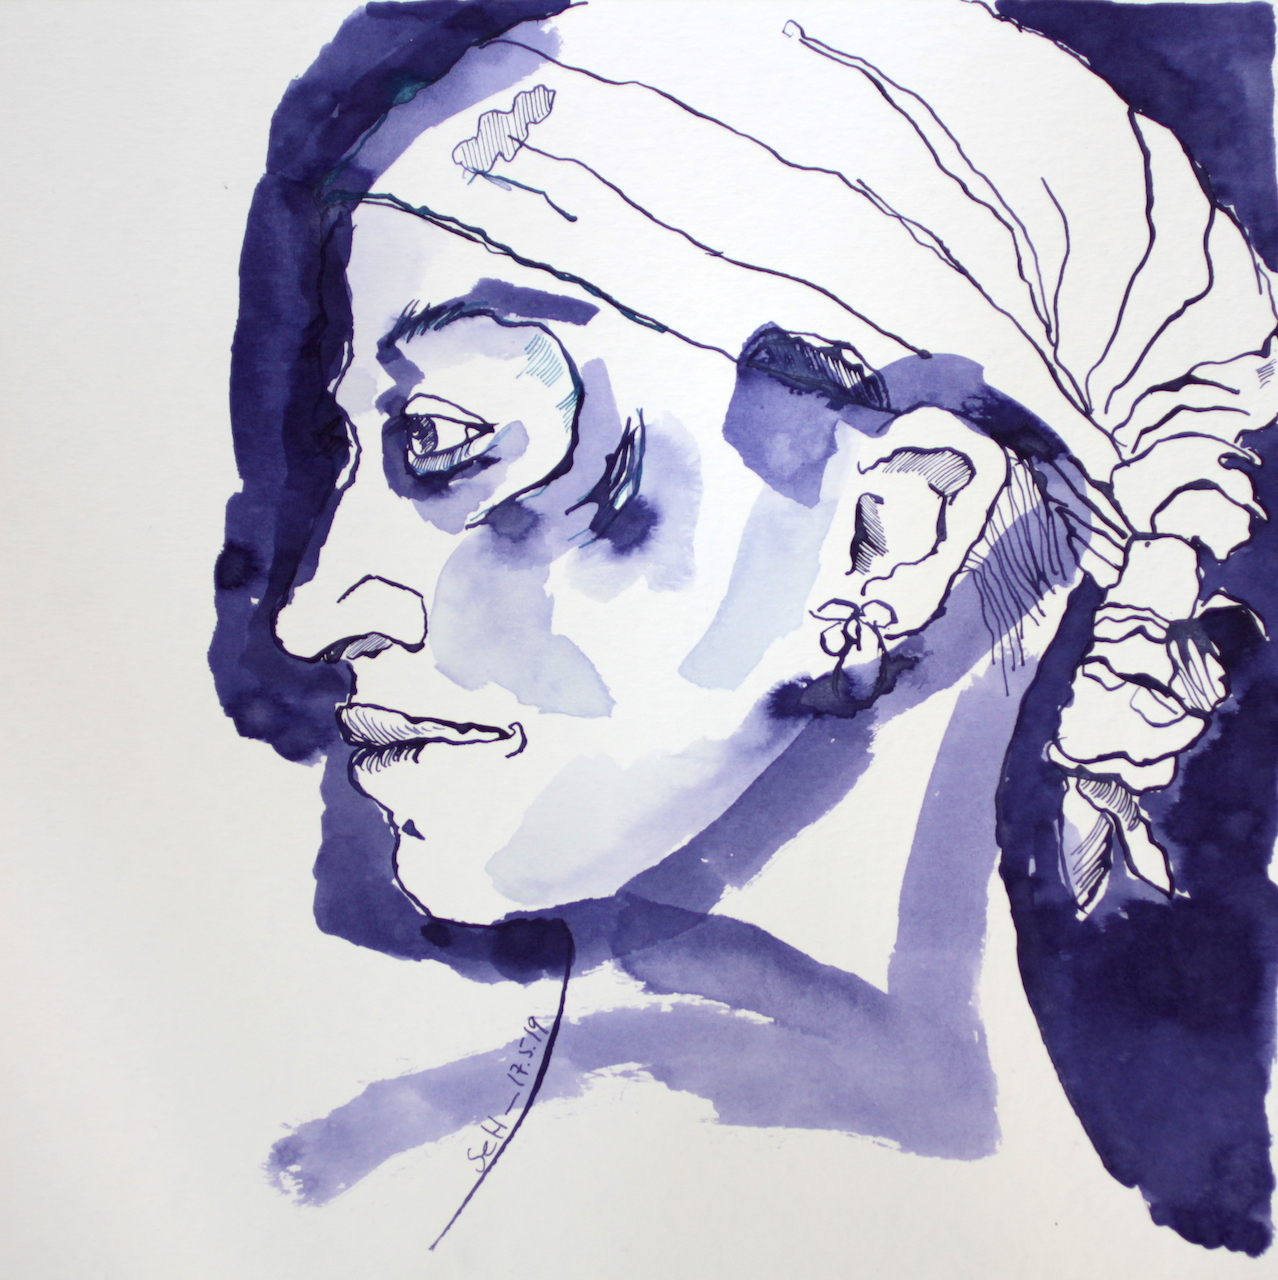 Mein Sinnbild von Tilda Swinton, 30 x 40 cm, Tusche auf Aquarellkarton, Zeichnung von Susanne Haun (c) VG Bild Kunst, Bonn 2019